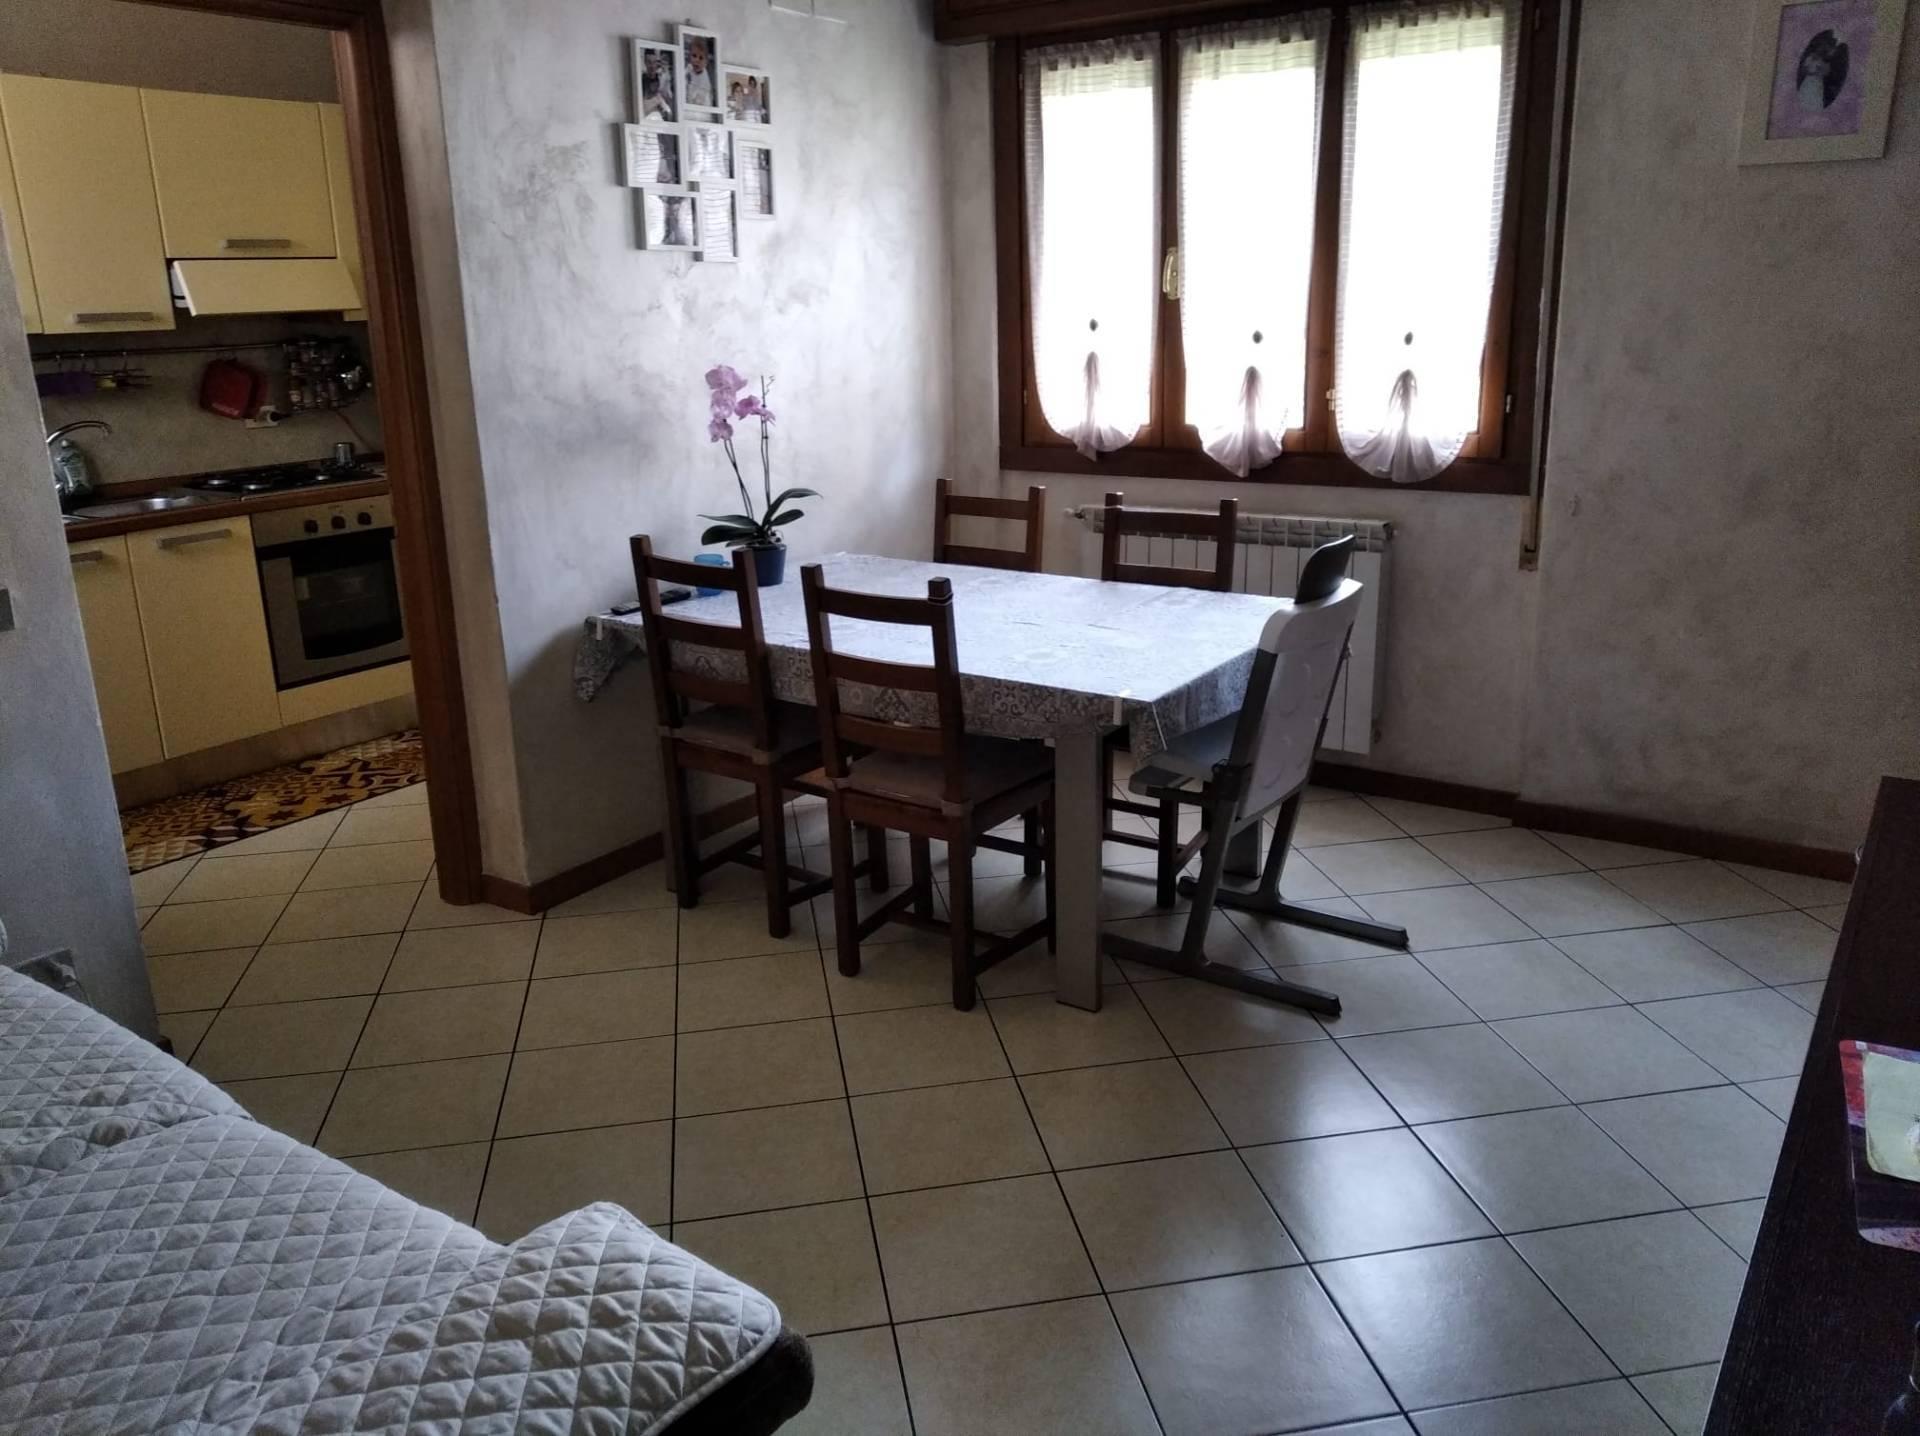 Appartamento in vendita a Villa Carcina, 2 locali, zona Zona: Villa, prezzo € 59.000 | CambioCasa.it